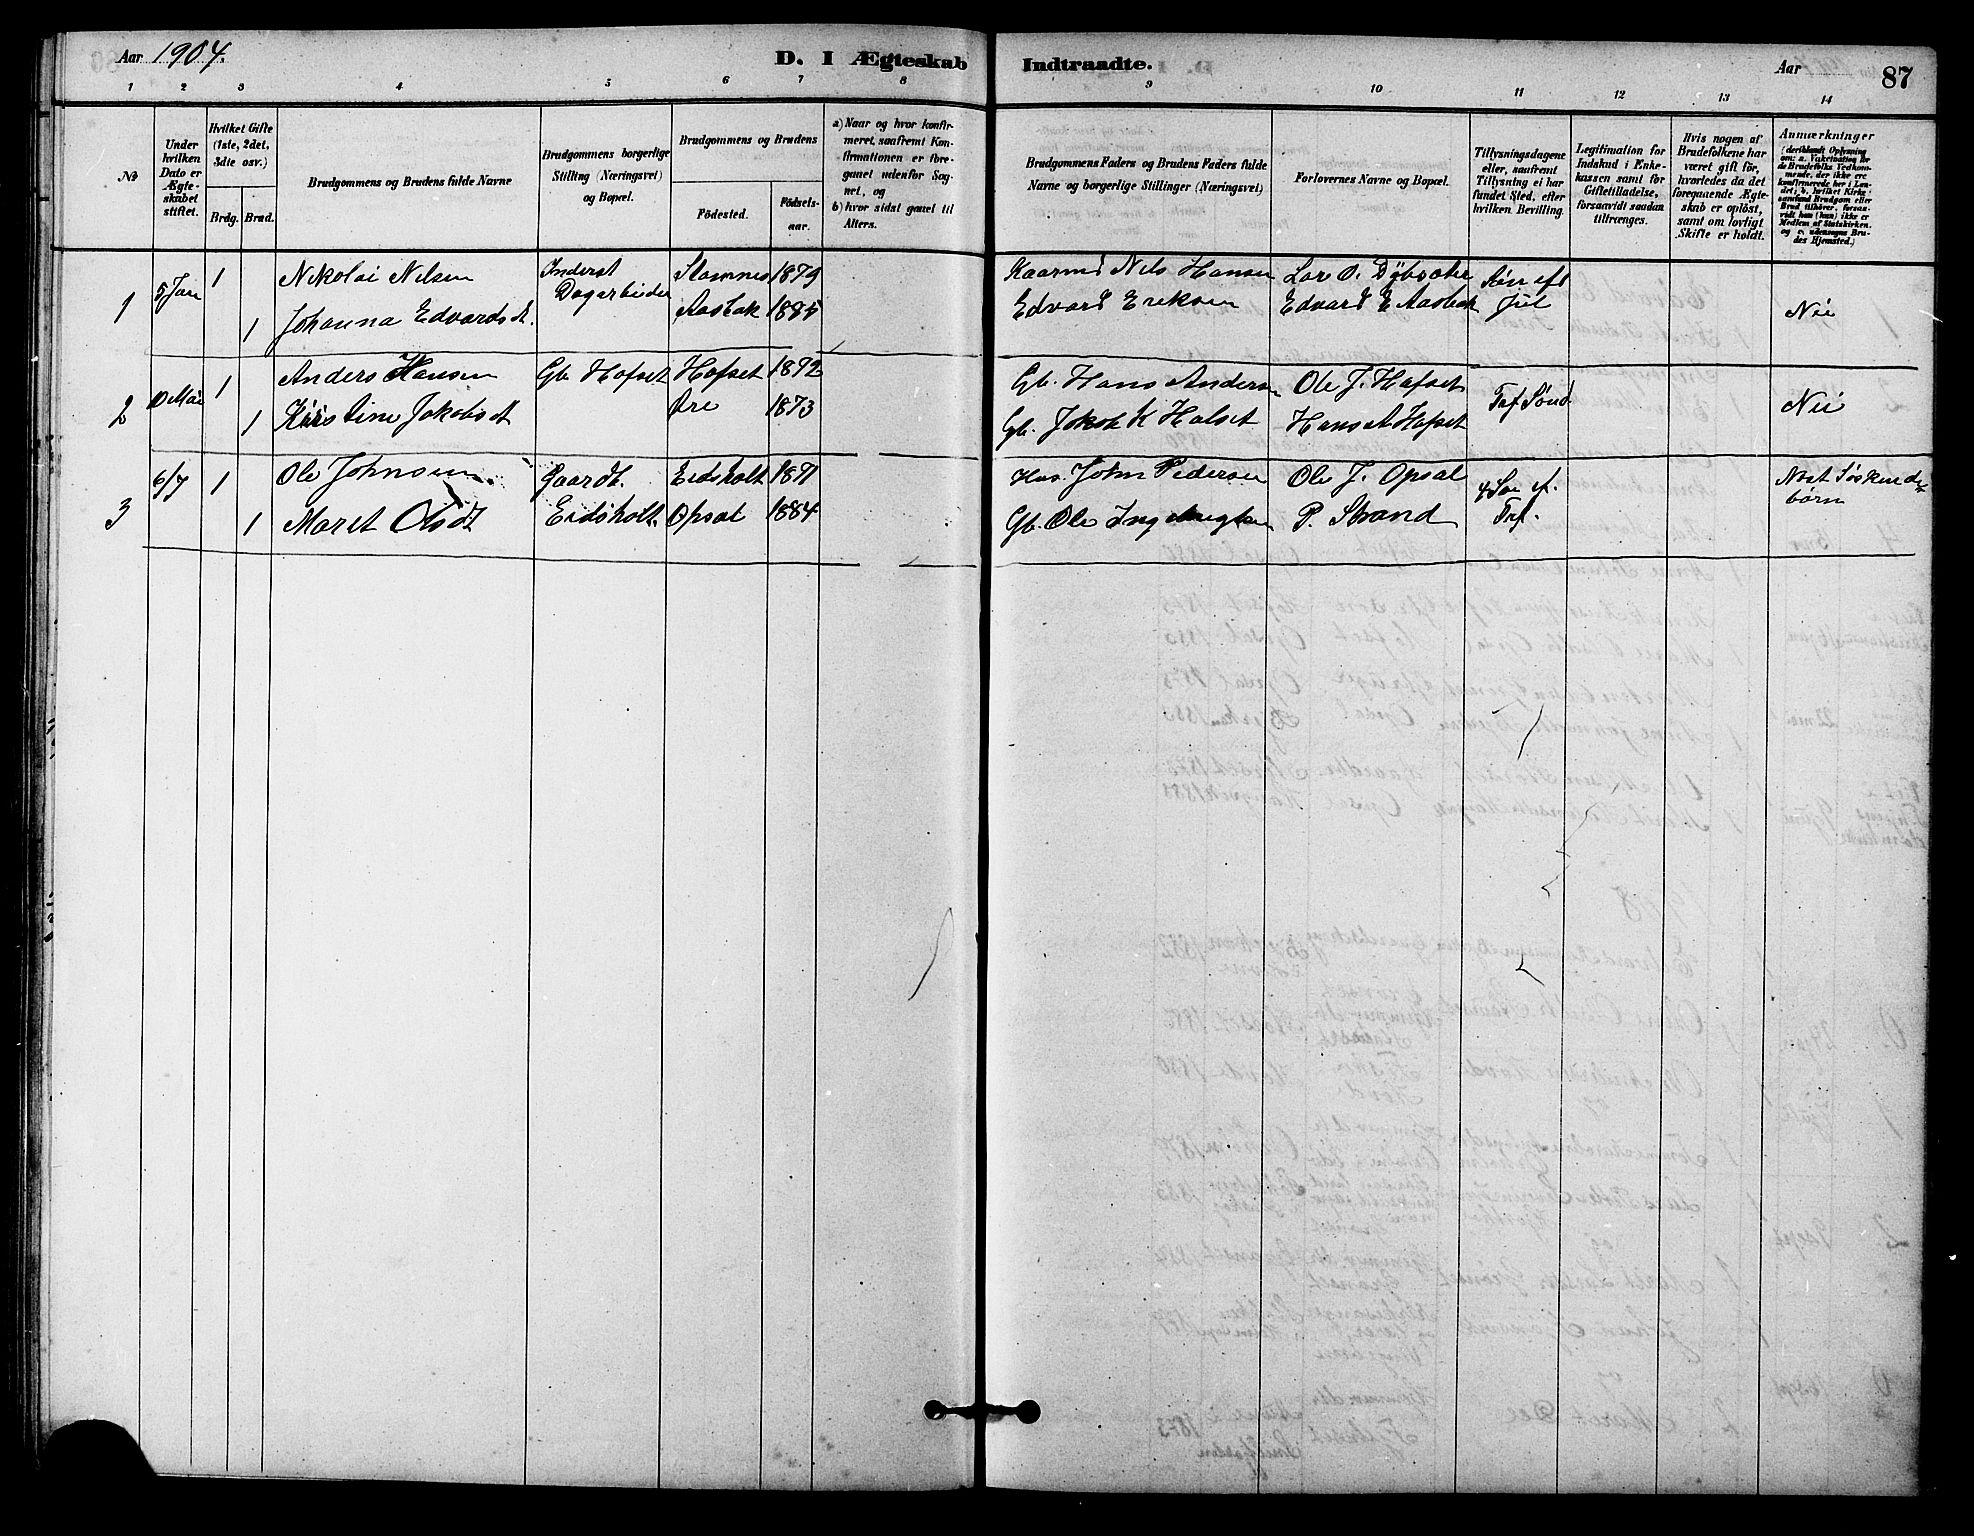 SAT, Ministerialprotokoller, klokkerbøker og fødselsregistre - Sør-Trøndelag, 631/L0514: Klokkerbok nr. 631C02, 1879-1912, s. 87